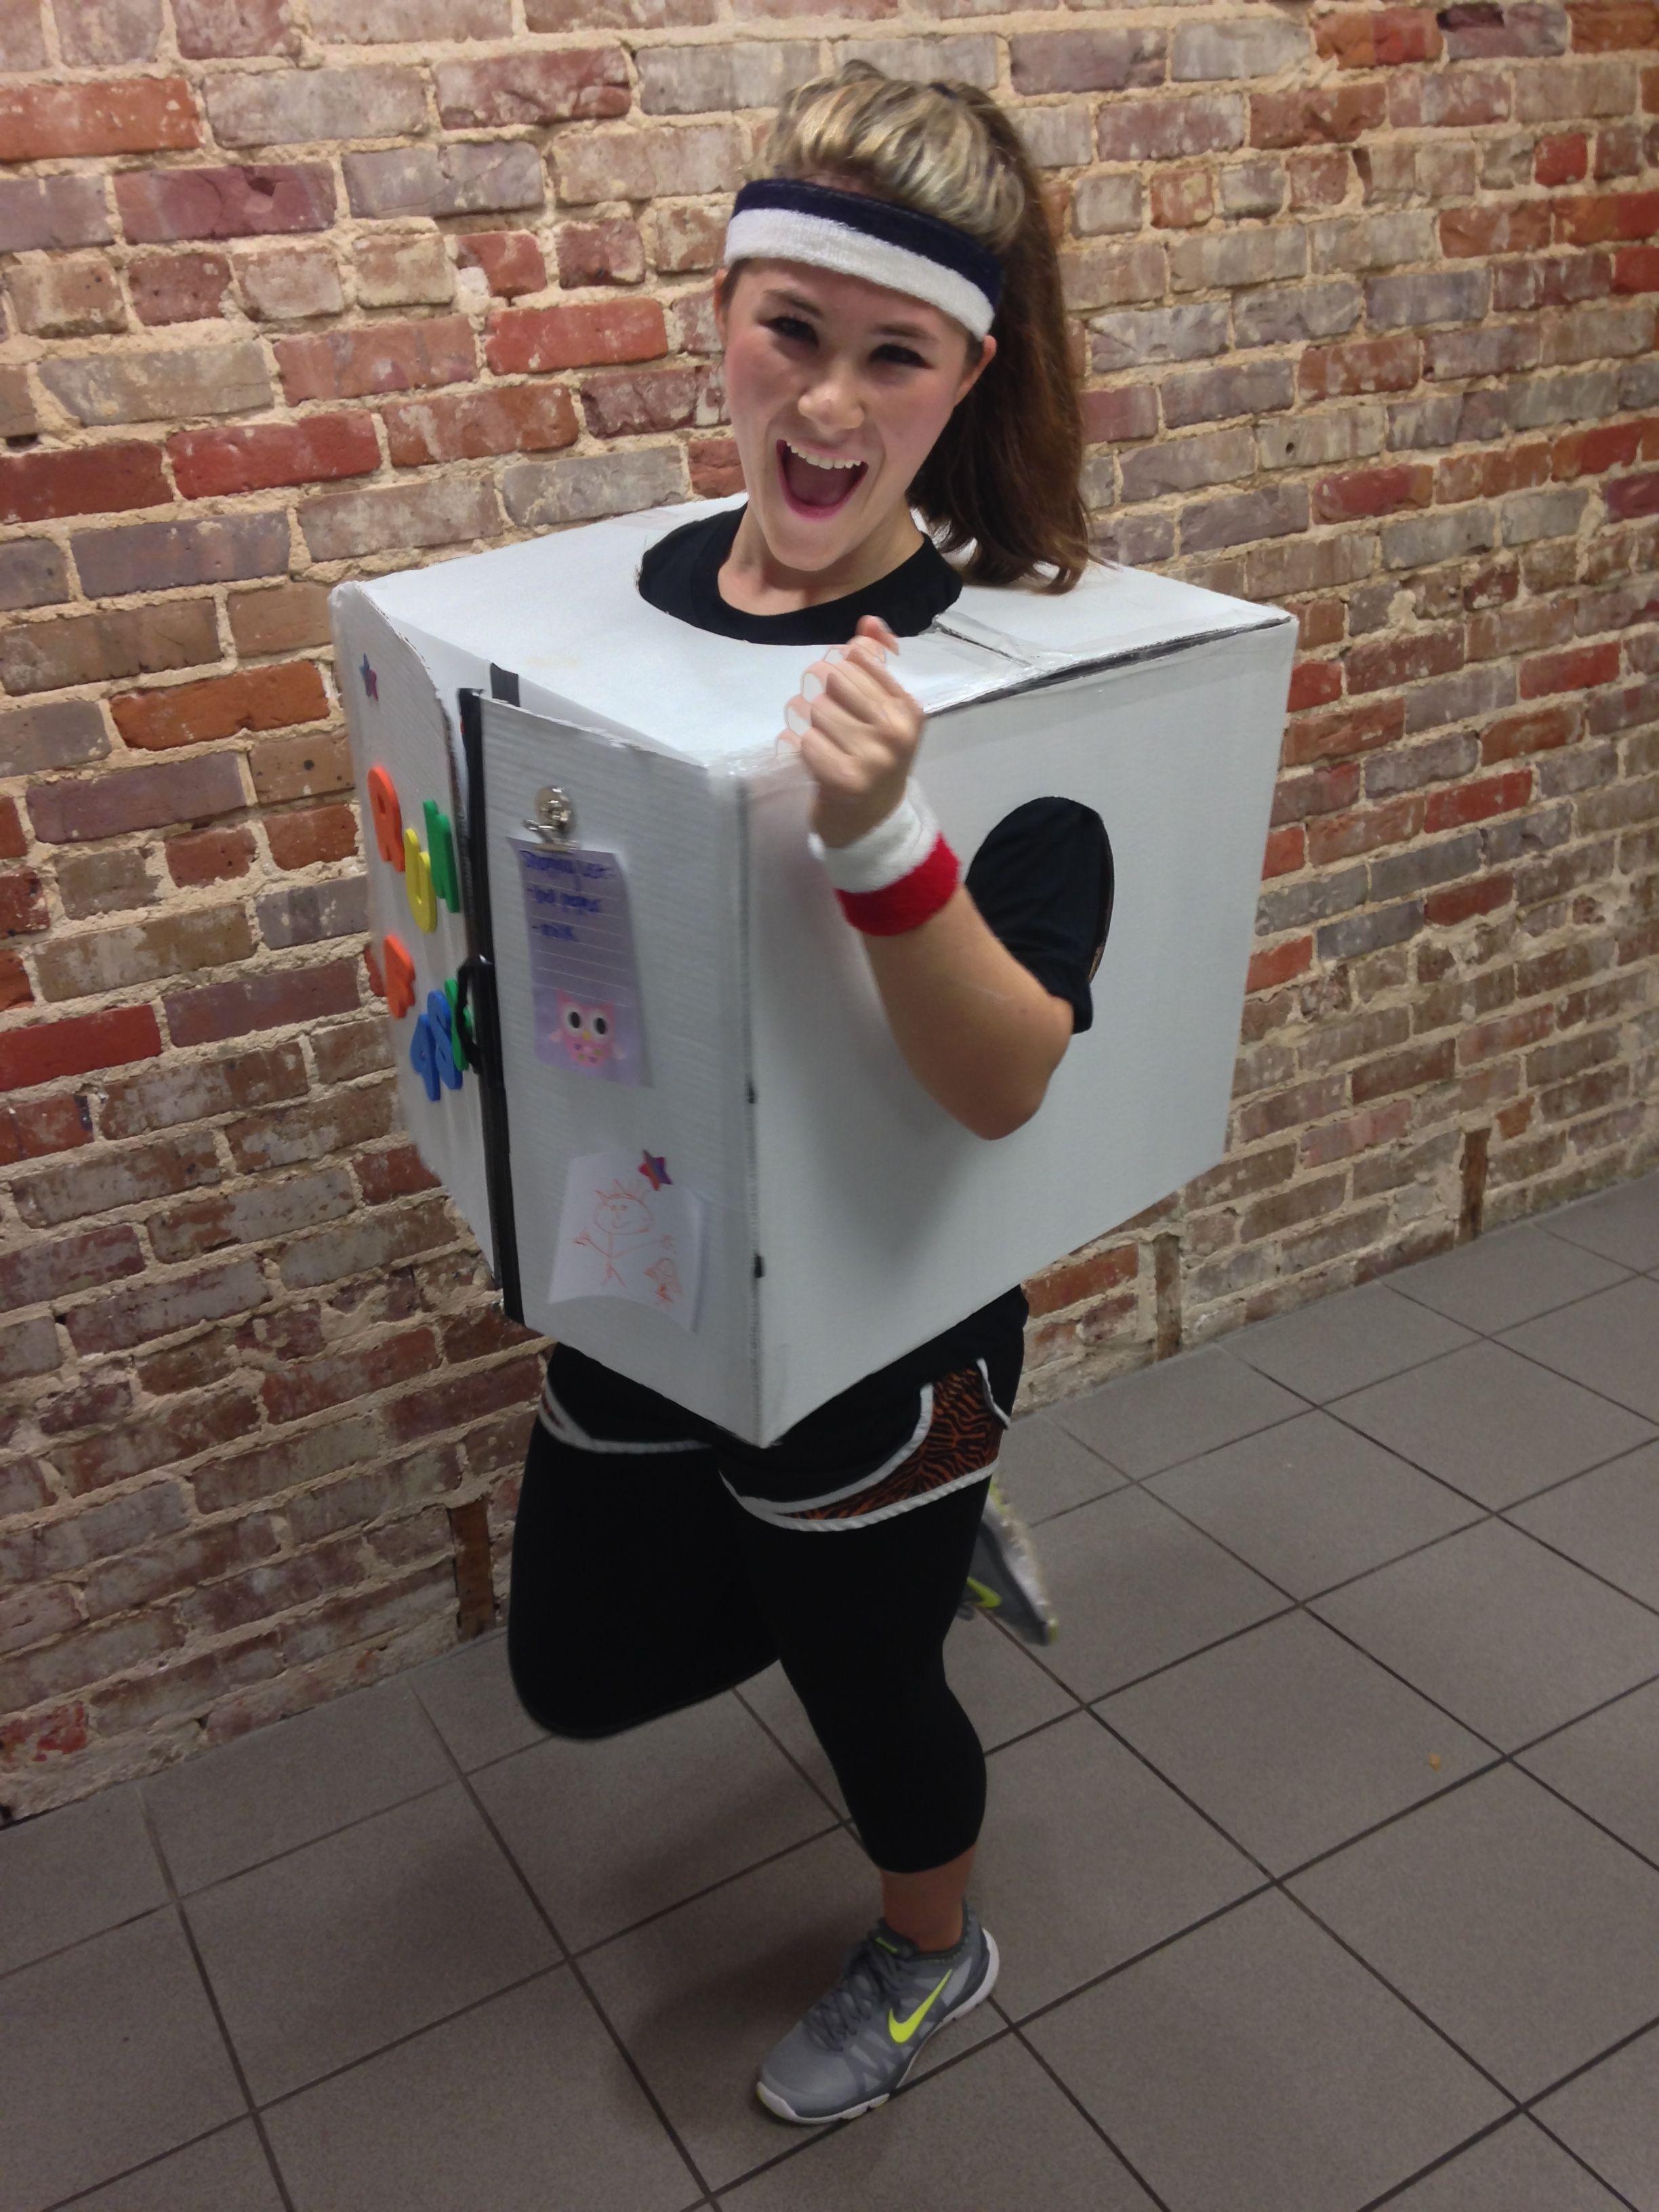 Running Refrigerator costume costume pun refrigerator